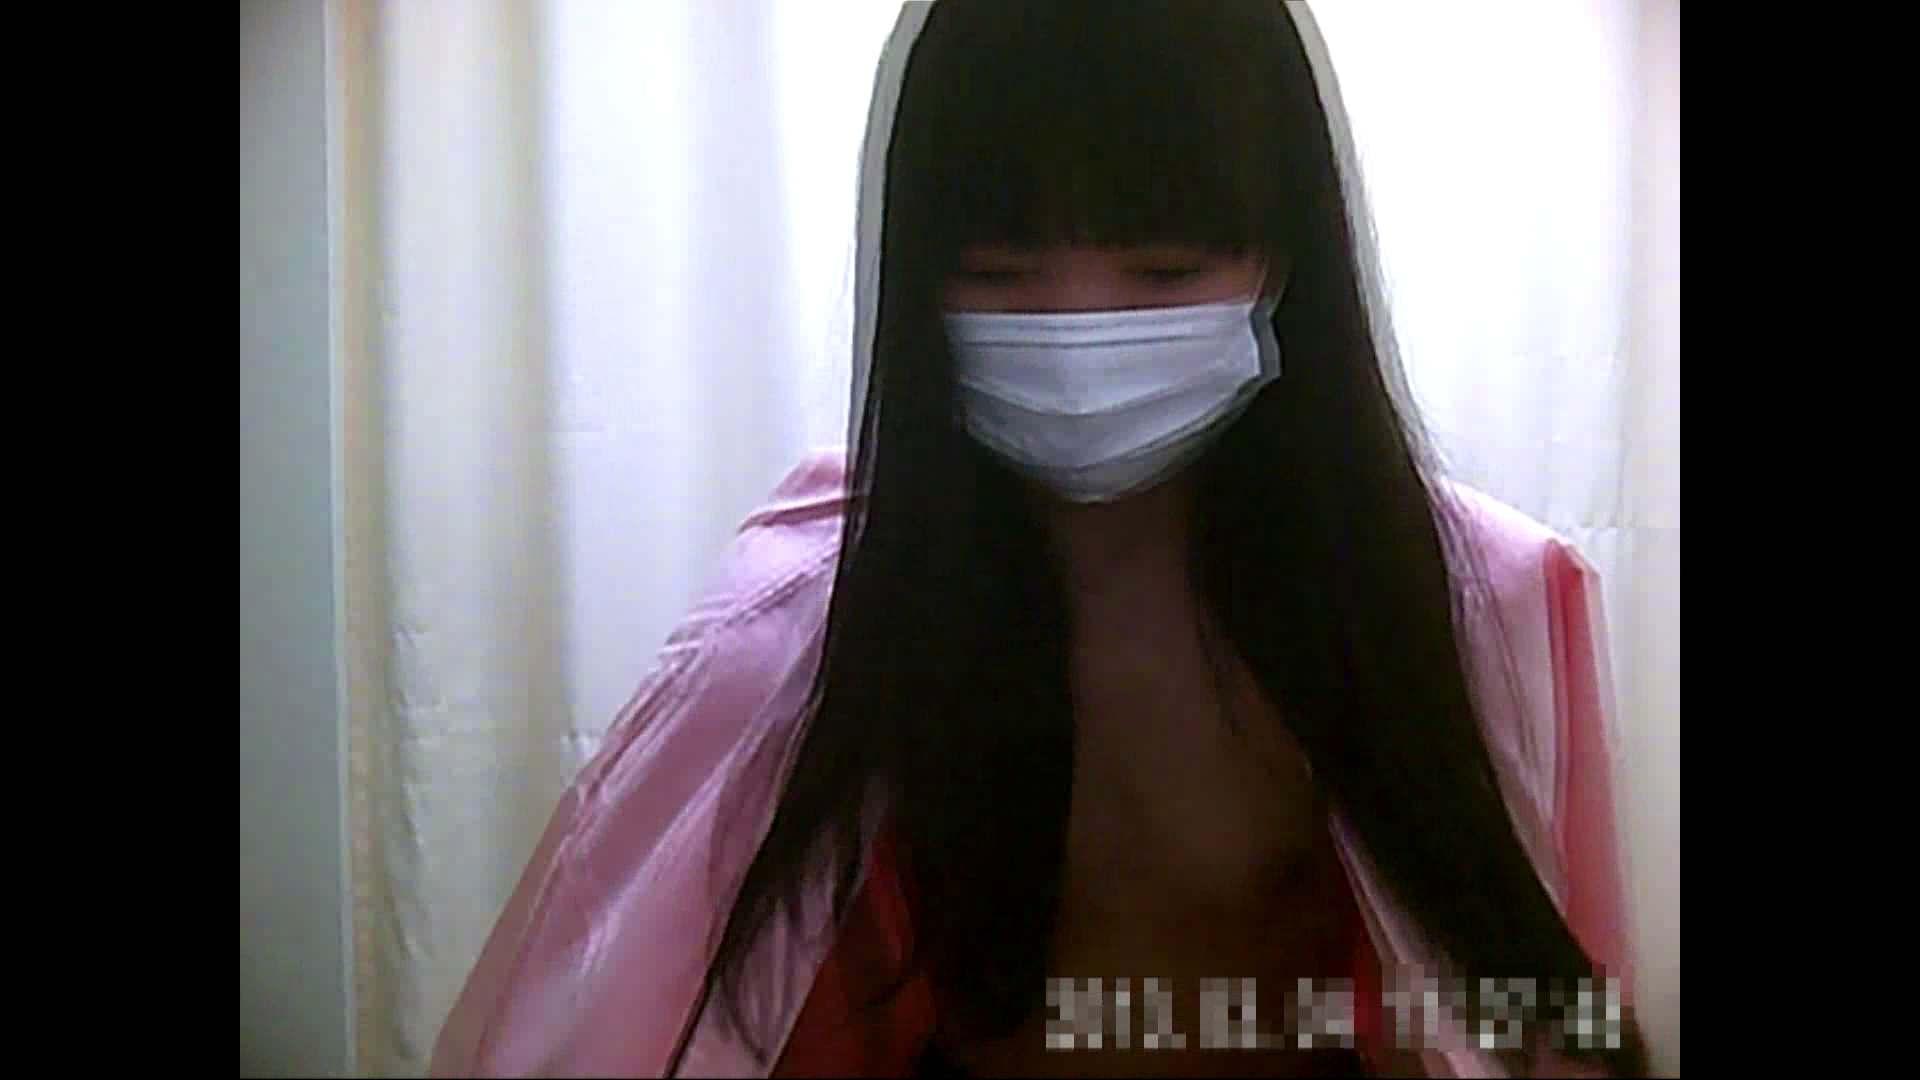 元医者による反抗 更衣室地獄絵巻 vol.103 OLハメ撮り  89Pix 8